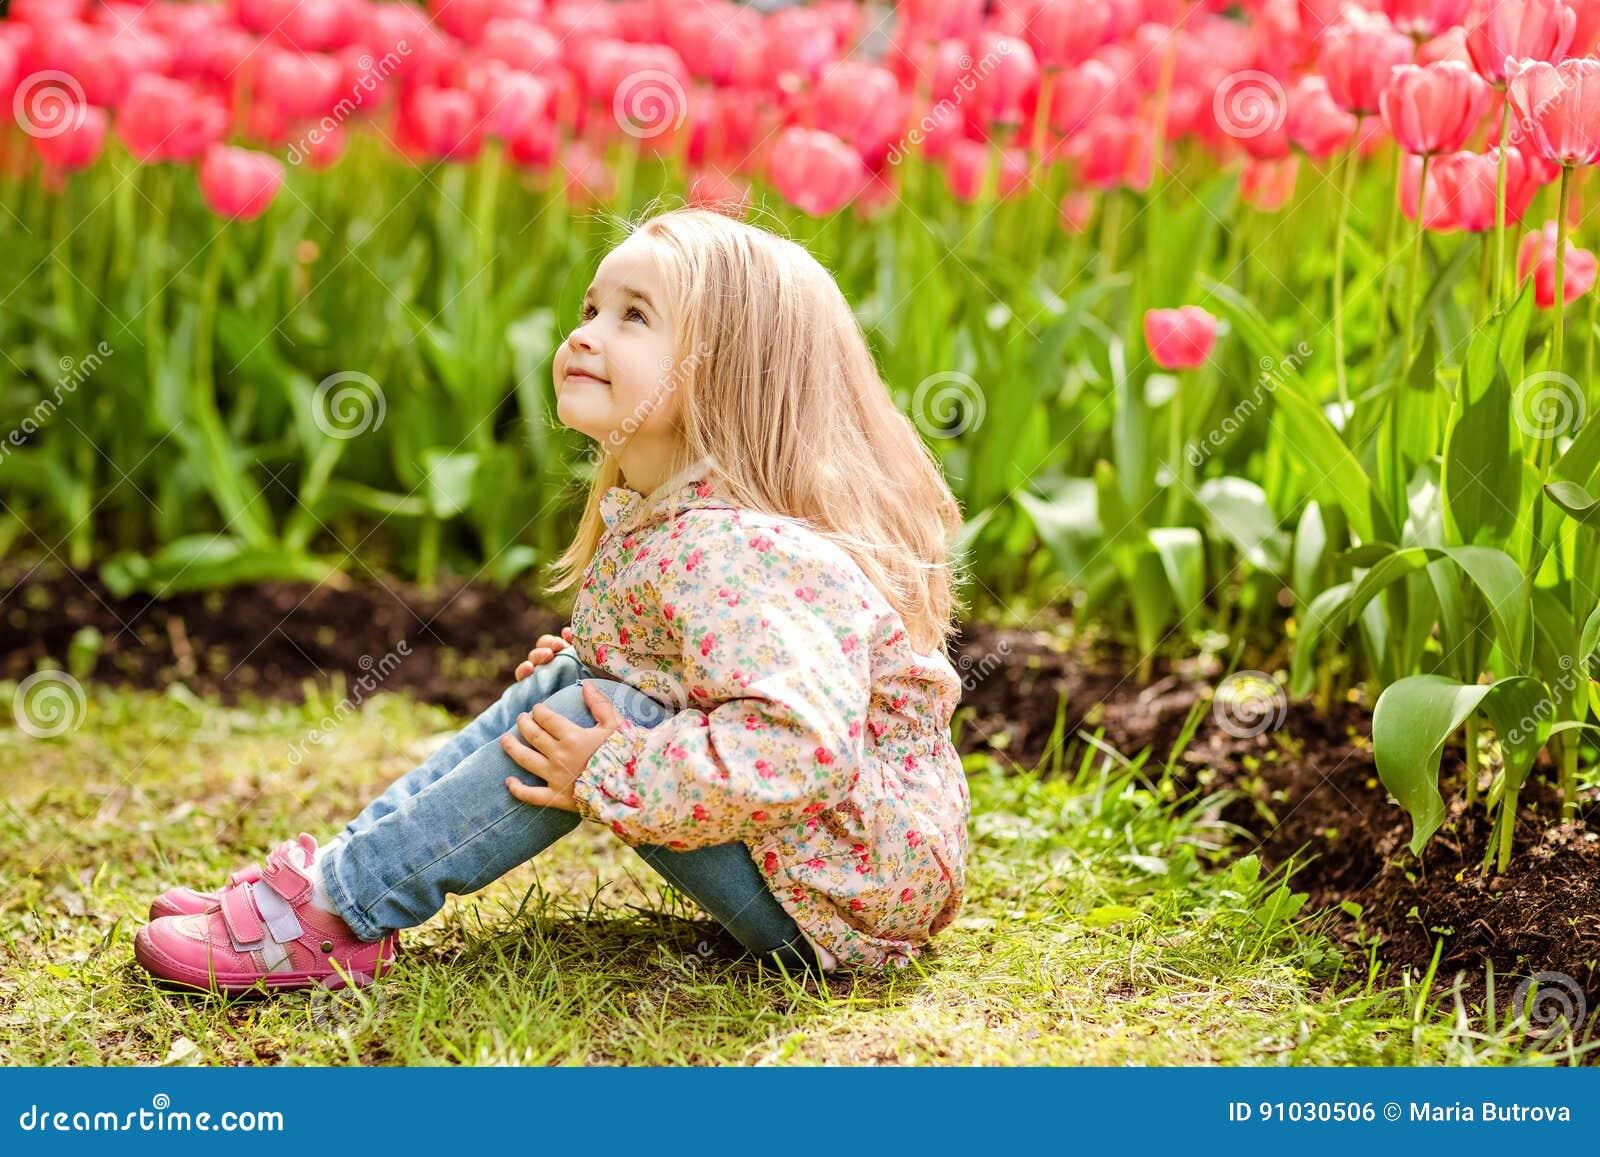 Belle fille blonde très douce dans un manteau rose se reposant près du